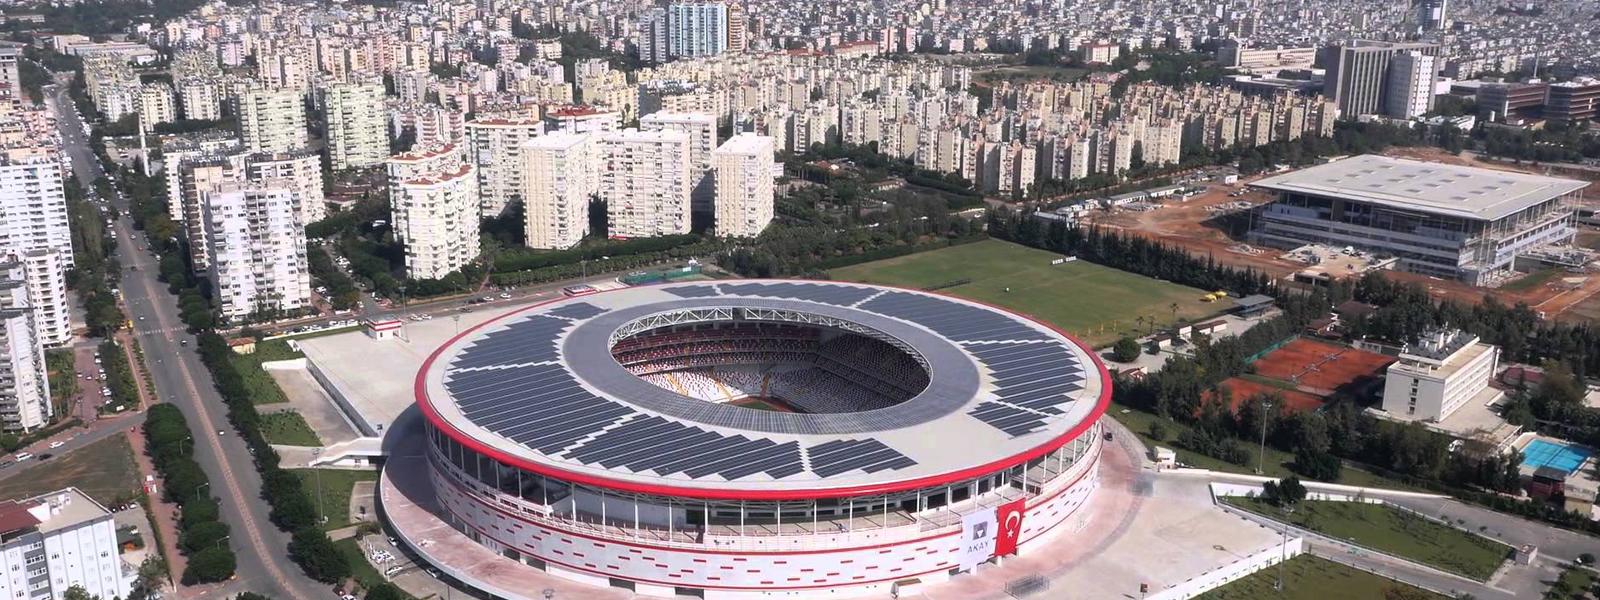 Antalya Arena - Antalya